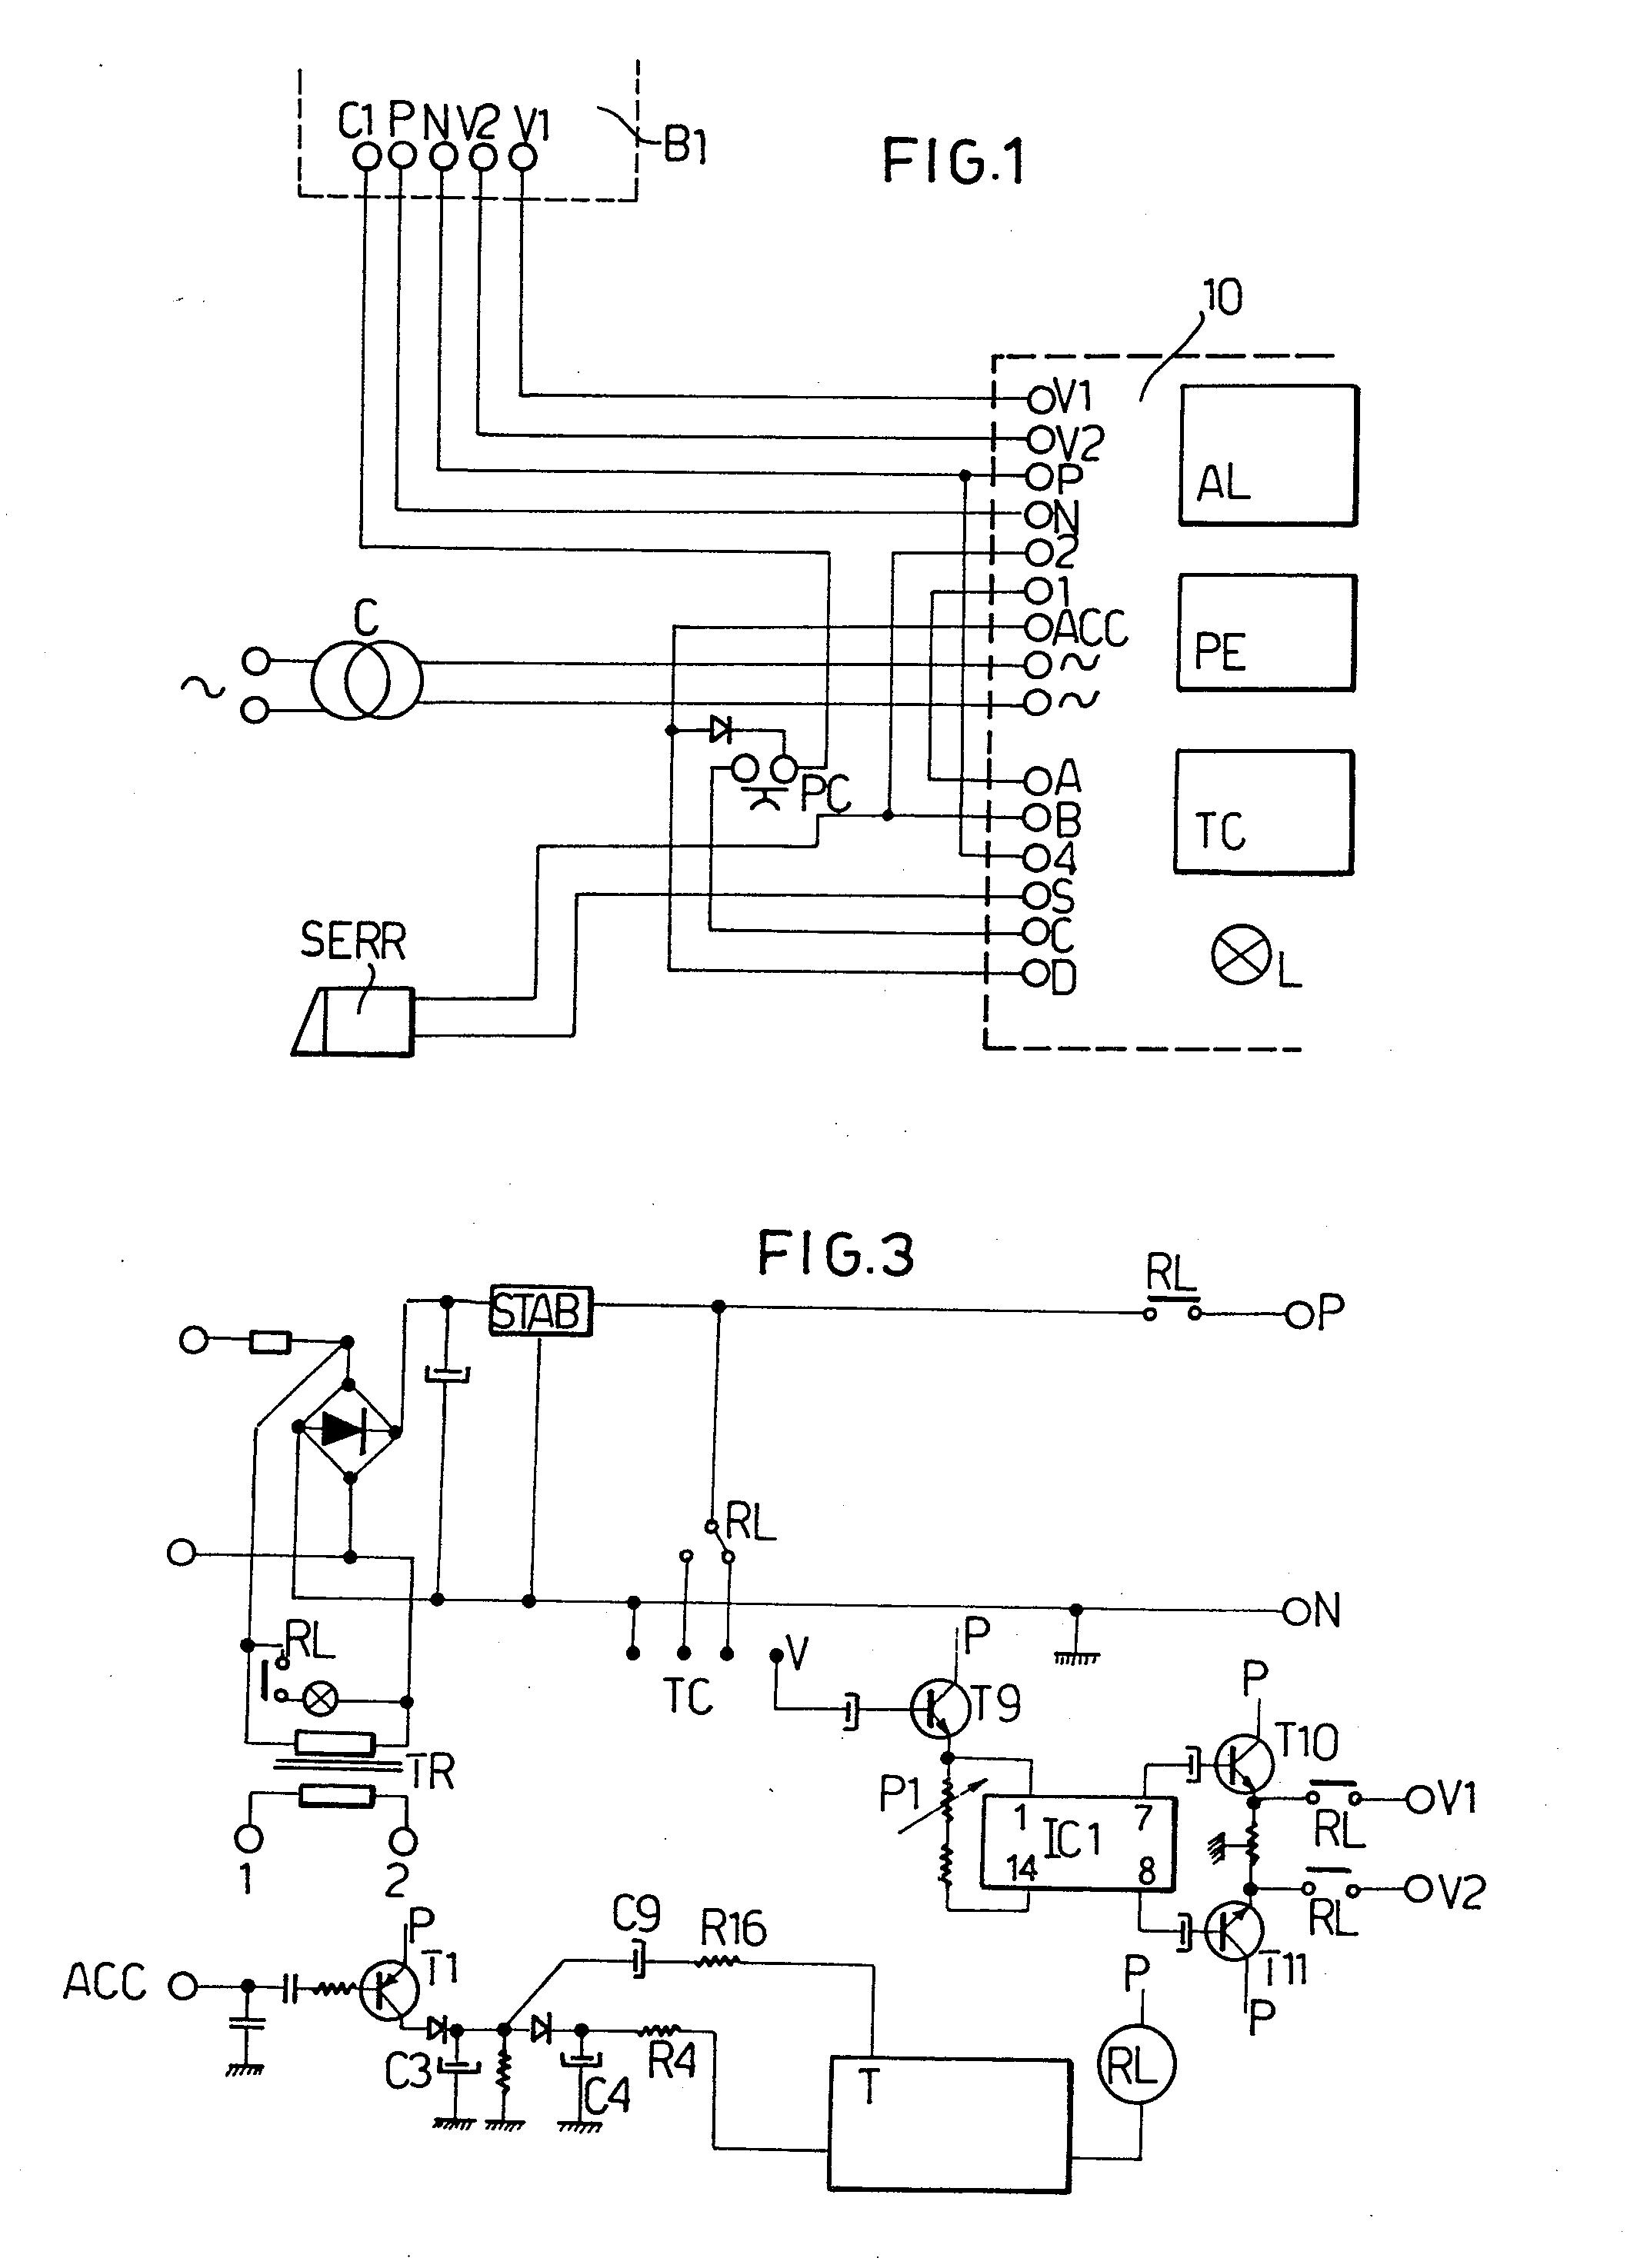 comelit wiring diagram car tow bar simplebus 32